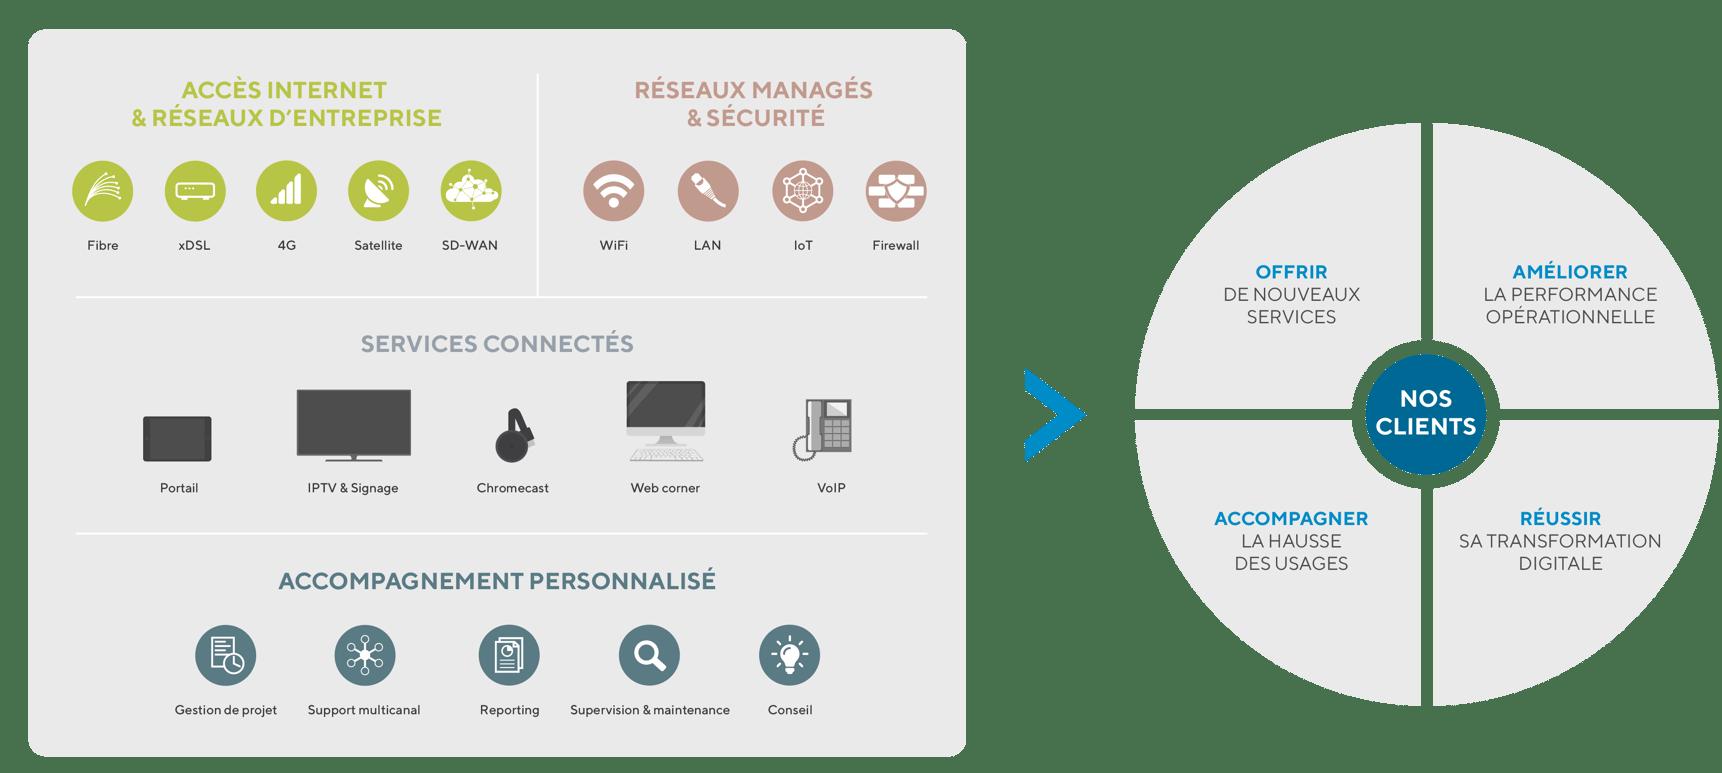 Réseaux managés et services de connectivité Wifirst